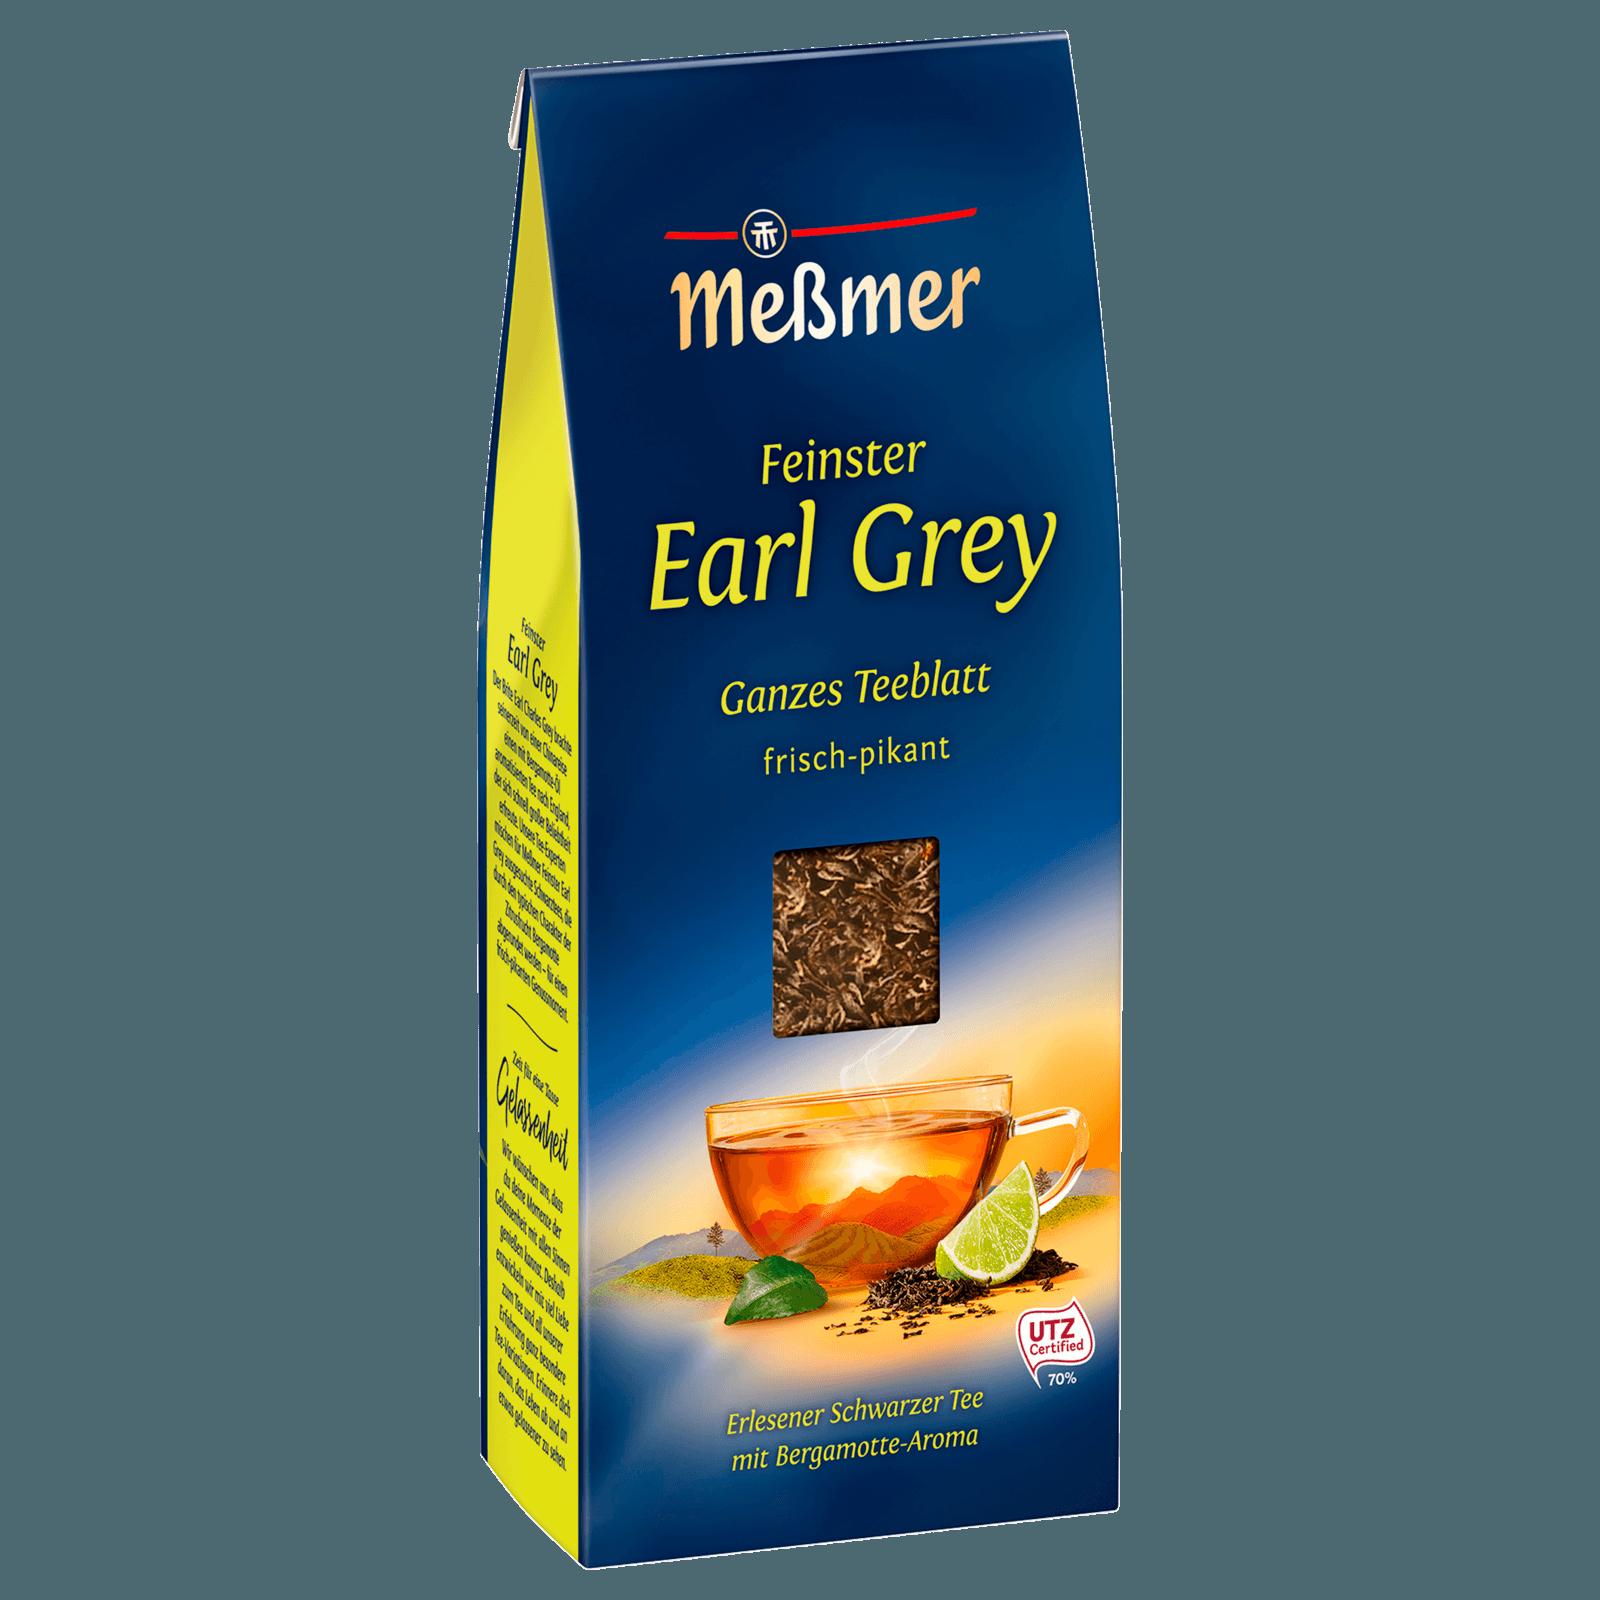 Meßmer Feinster Earl Grey 150g